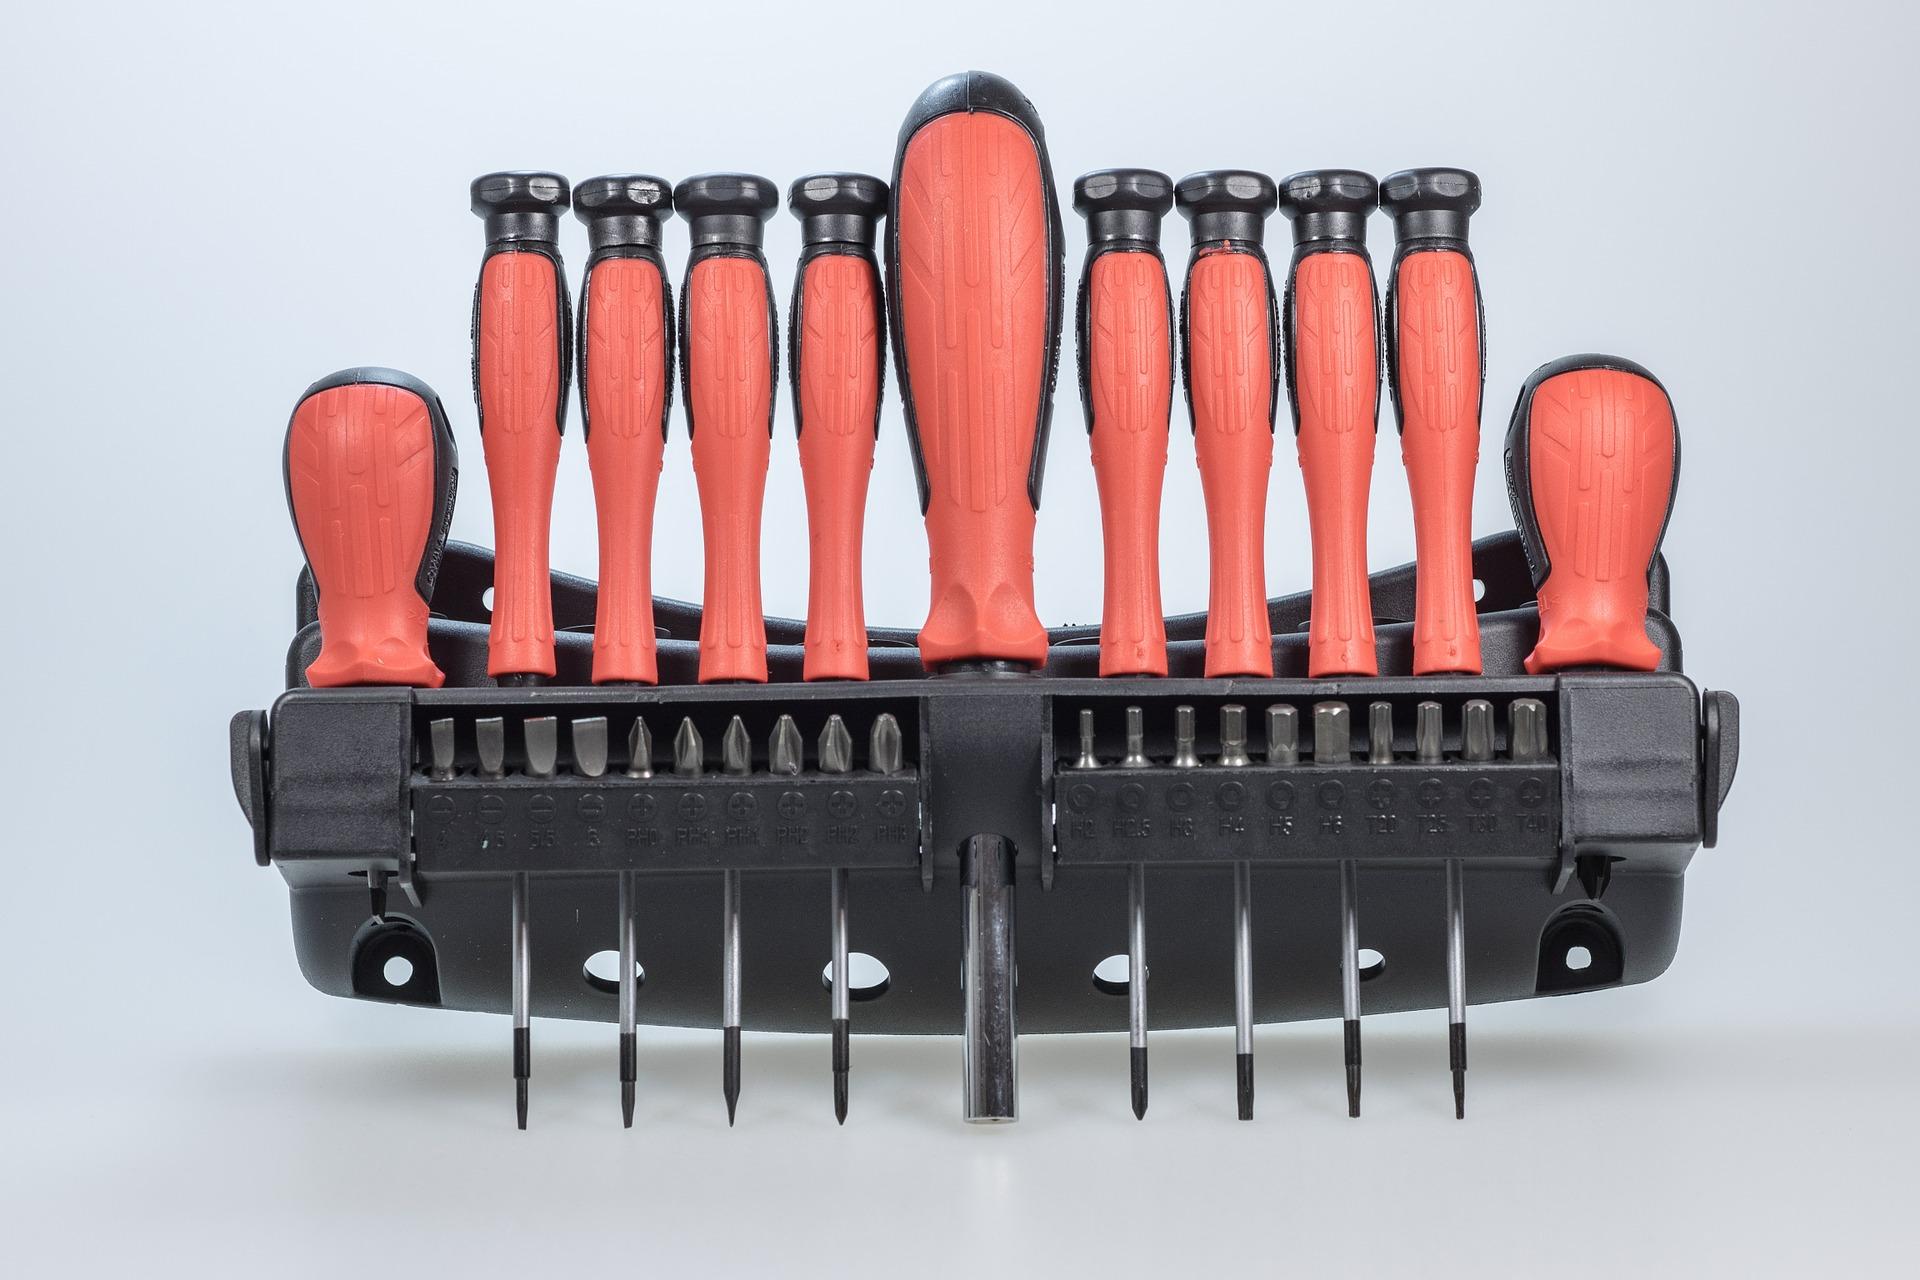 Alu Werkzeugkoffer - Die Top Alu Werkzeugkoffer finden und kaufen! Kaufratgeber